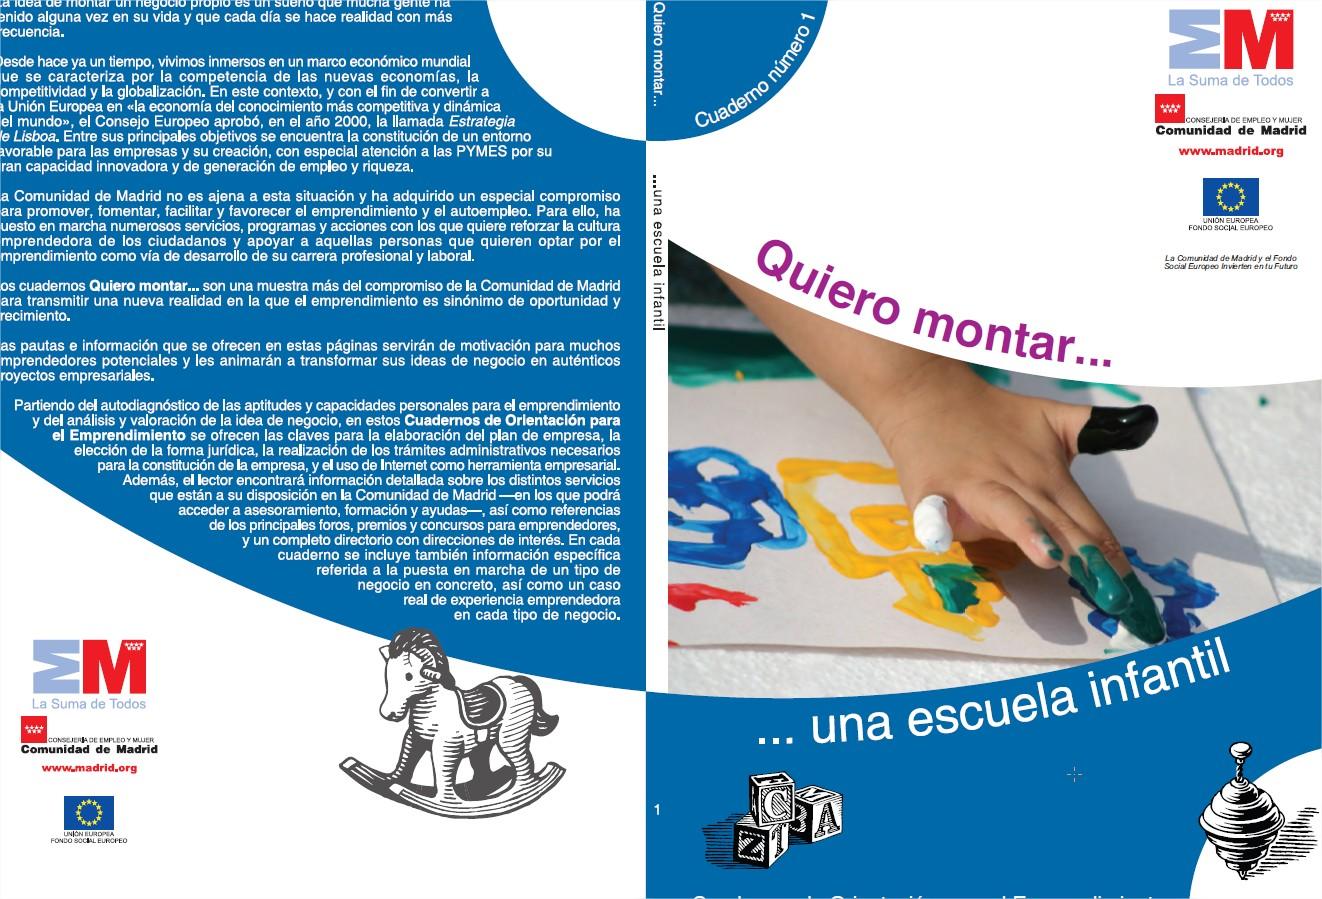 Consejos para elaborar el Plan de Empresa de una Escuela Infantil